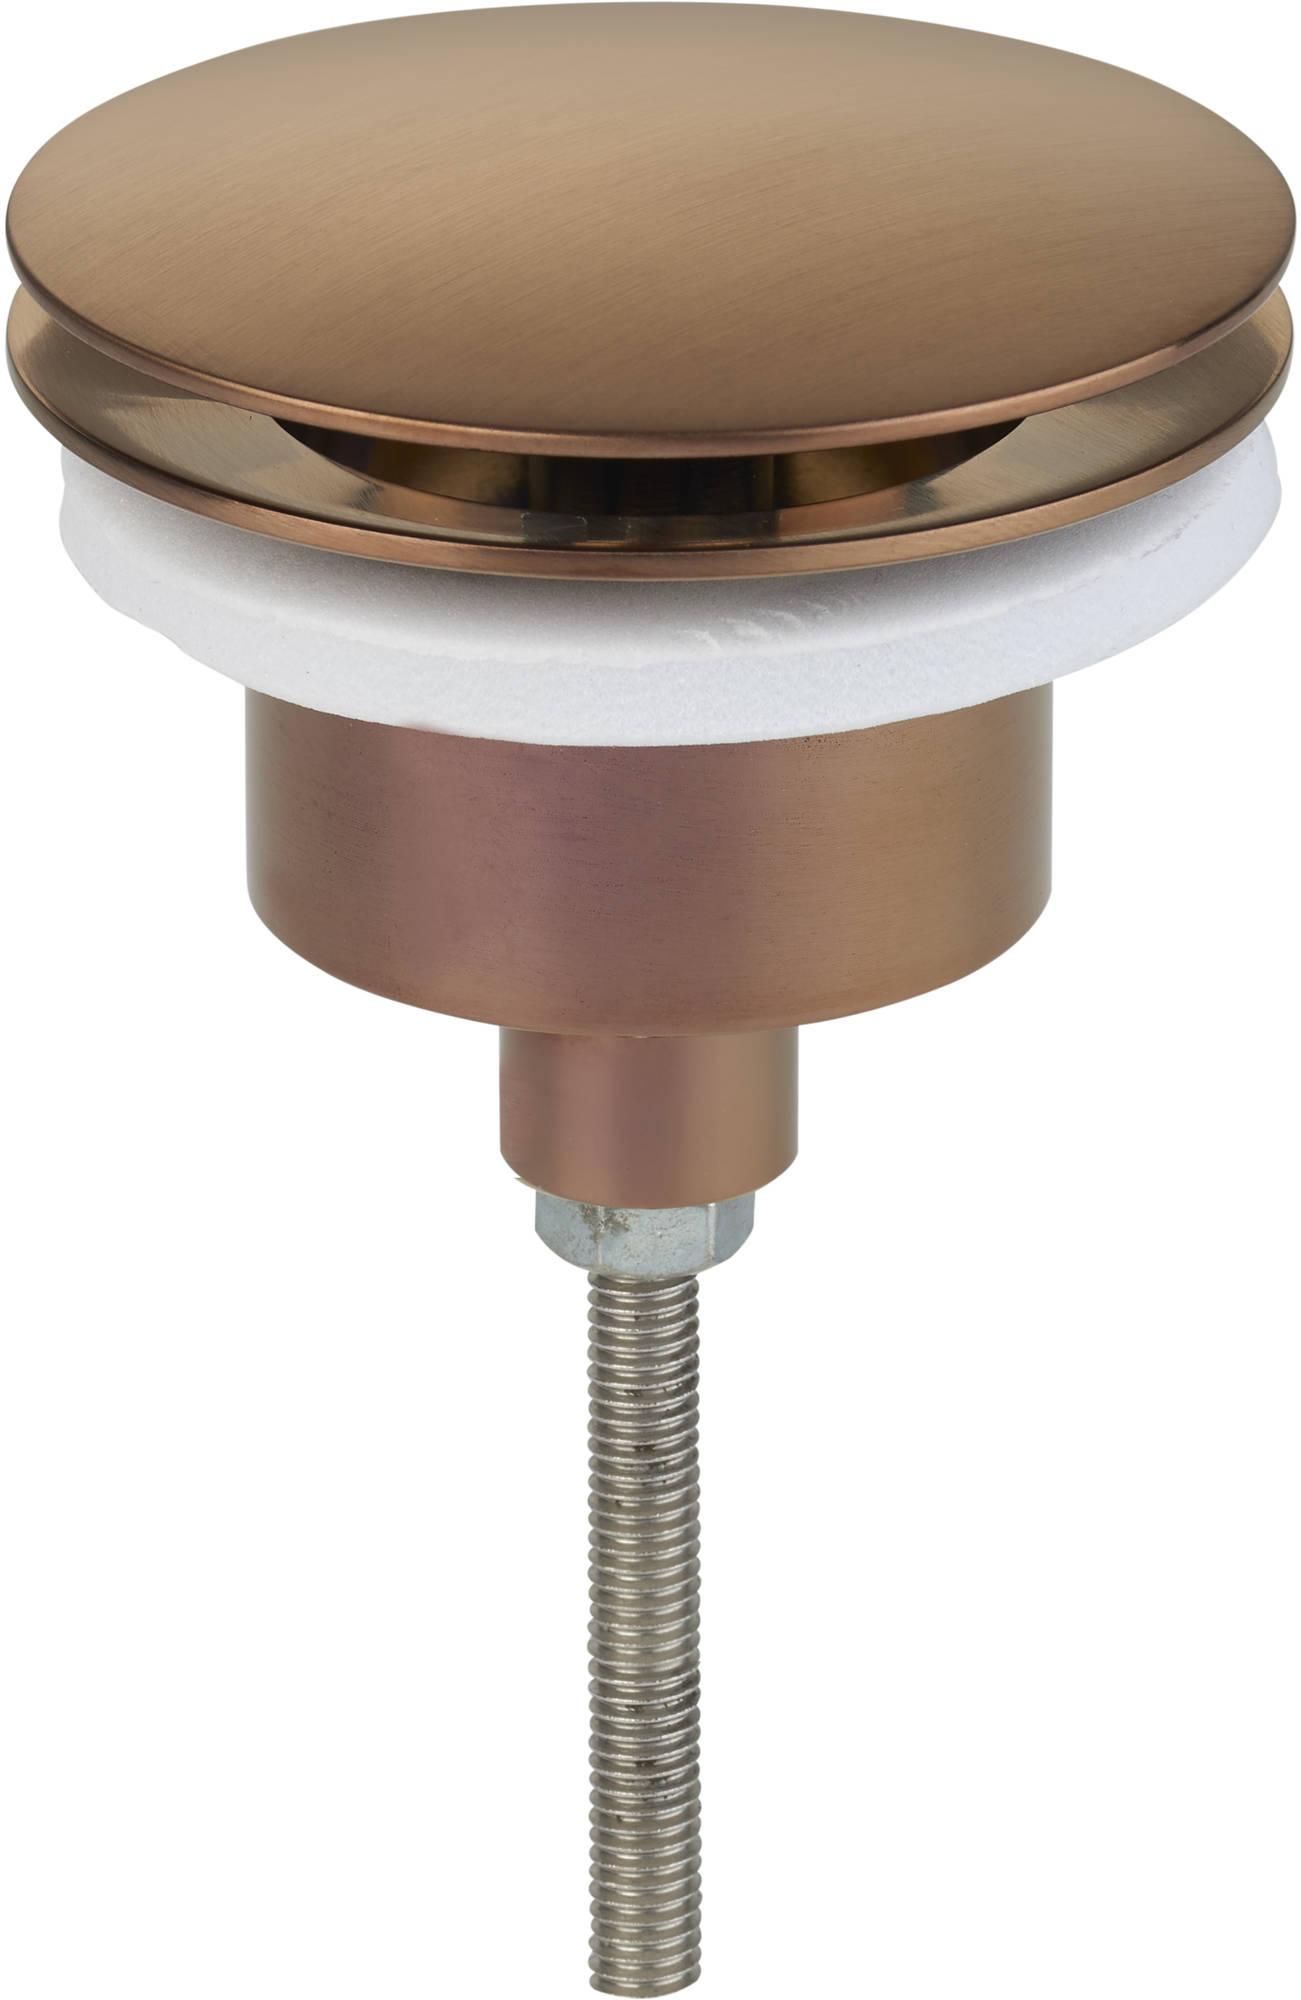 Ben Pop Up Wastafelplug altijd open 5/4 inch Geborsteld Koper